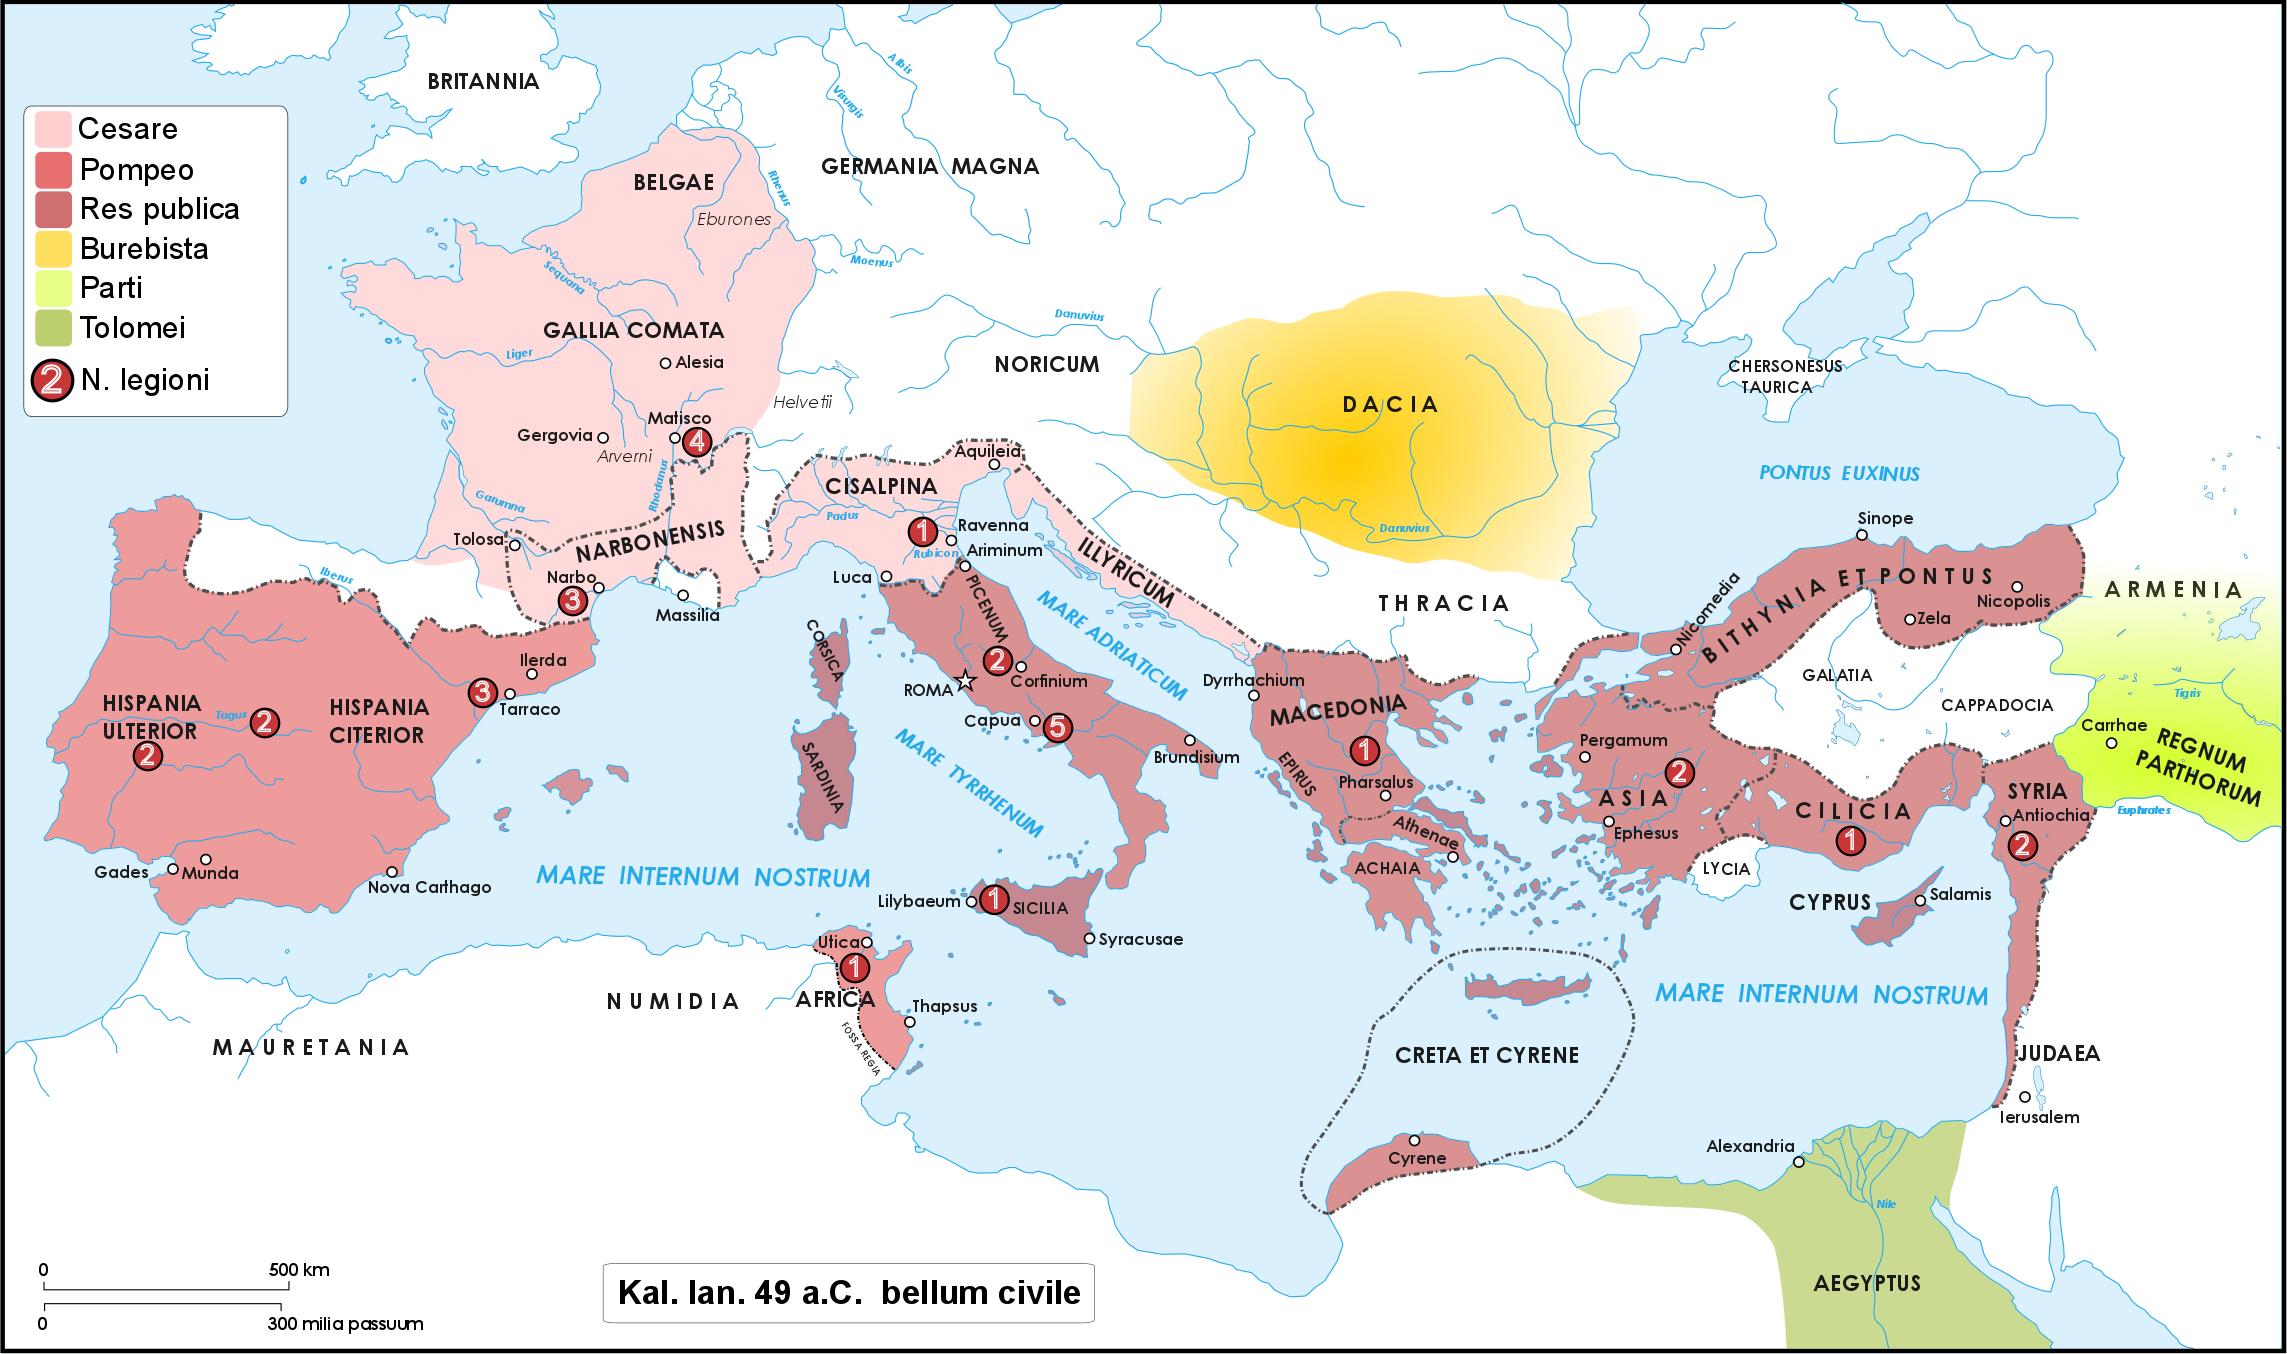 Famoso Gaio Giulio Cesare - Wikipedia MD38